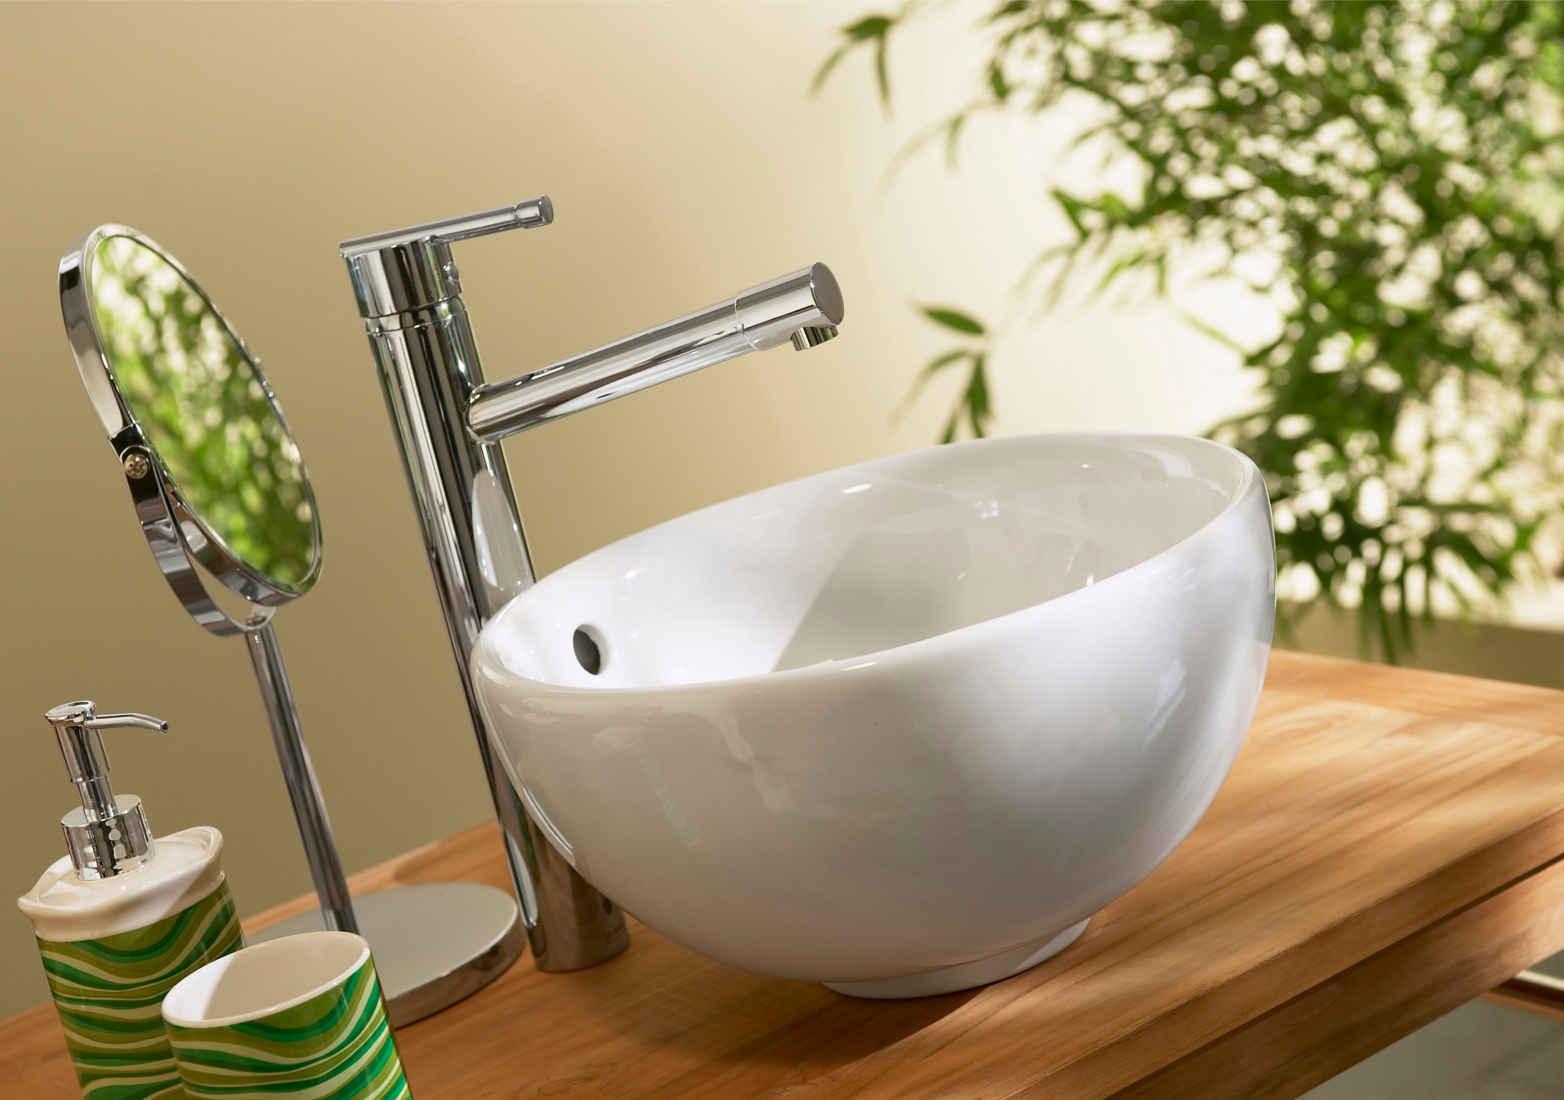 installer un lavabo salle de bain. amazing du drain mcanique plumb ... - Installer Un Lavabo Salle De Bain